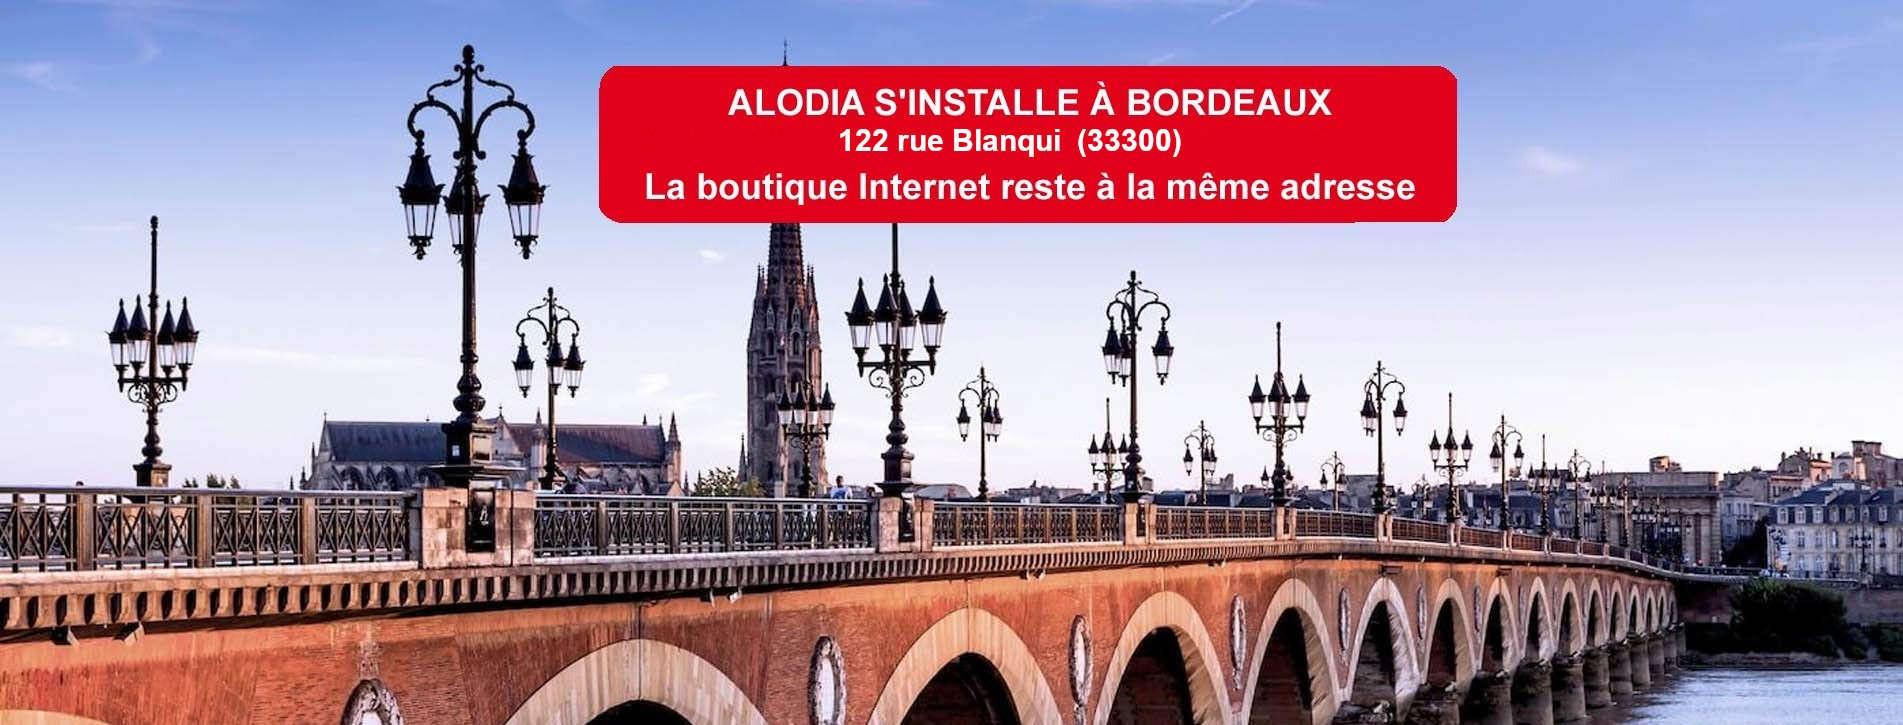 ALODIA S'INSTALLE À BORDEAUX... mais la boutique Internet reste à la même adresse !